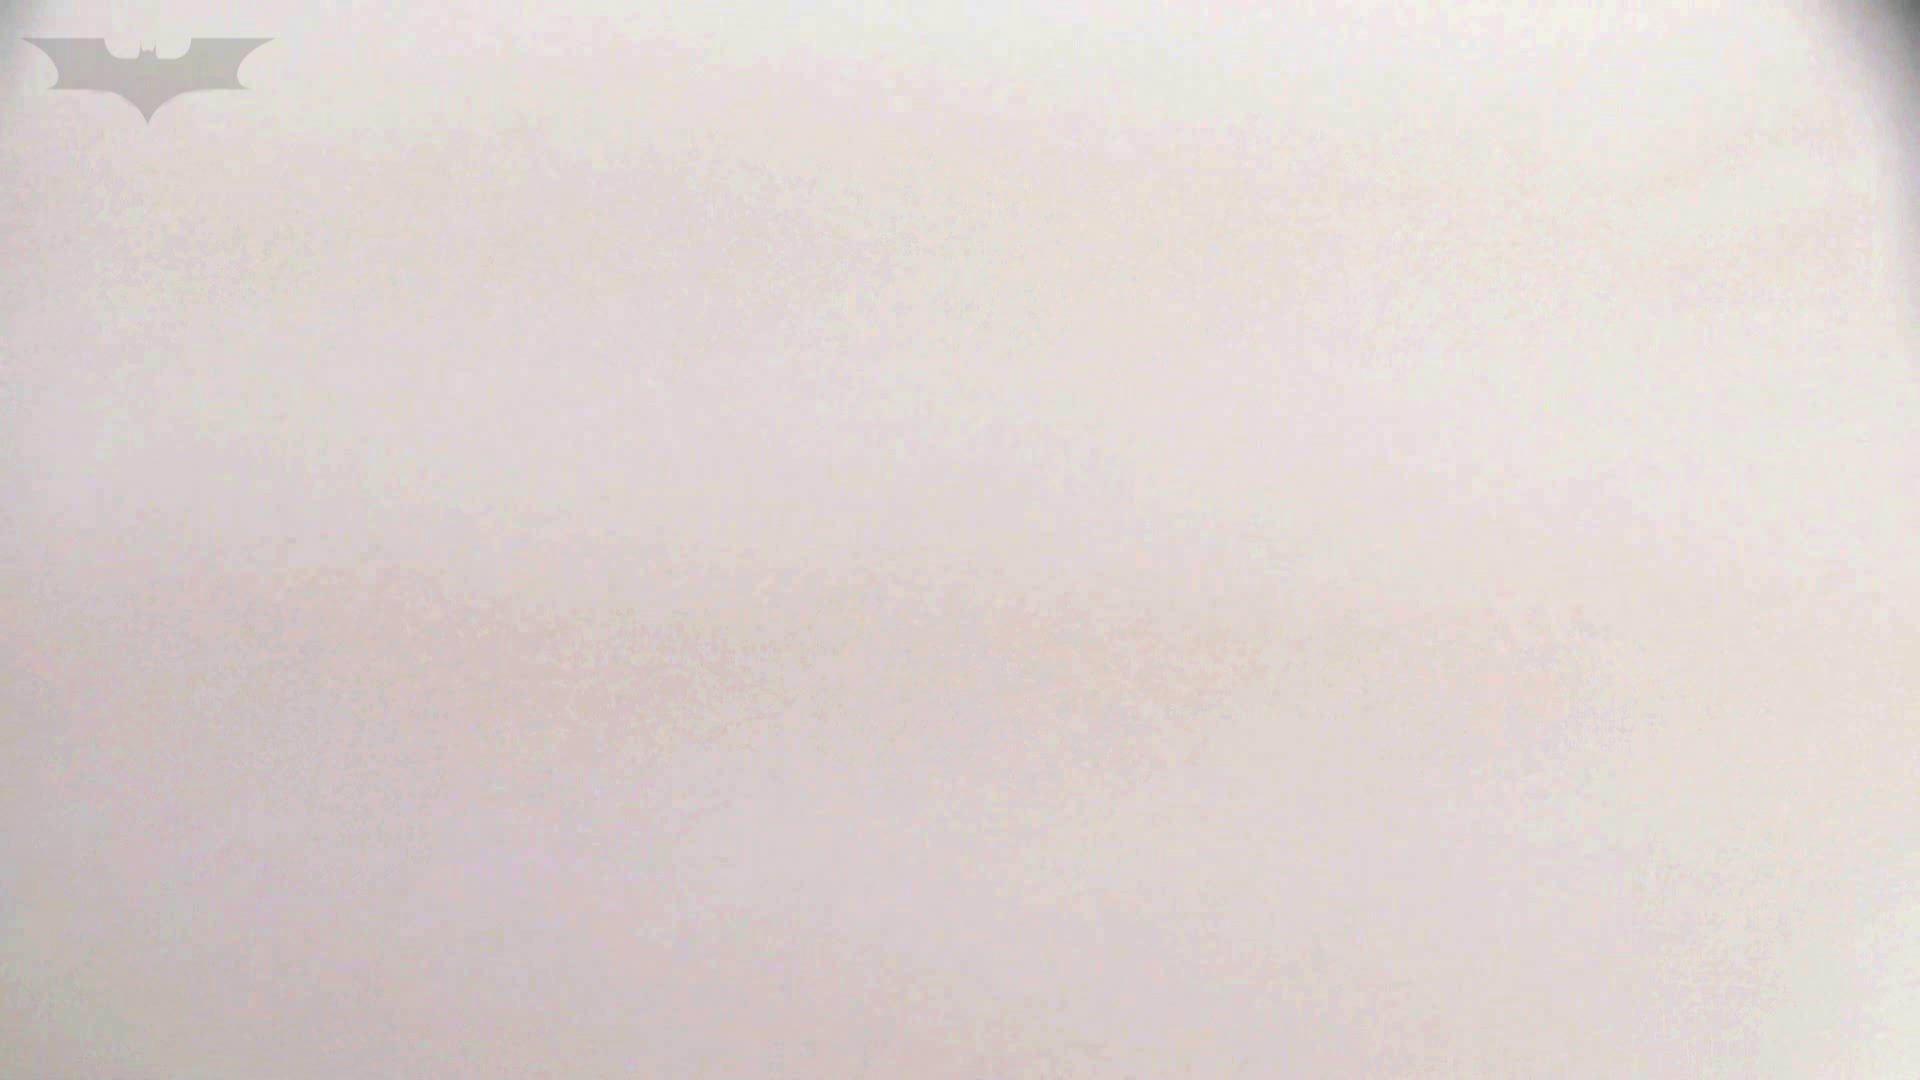 無修正エロ動画:洗面所特攻隊 vol.74 last 2総勢16名激撮【2015・29位】:怪盗ジョーカー